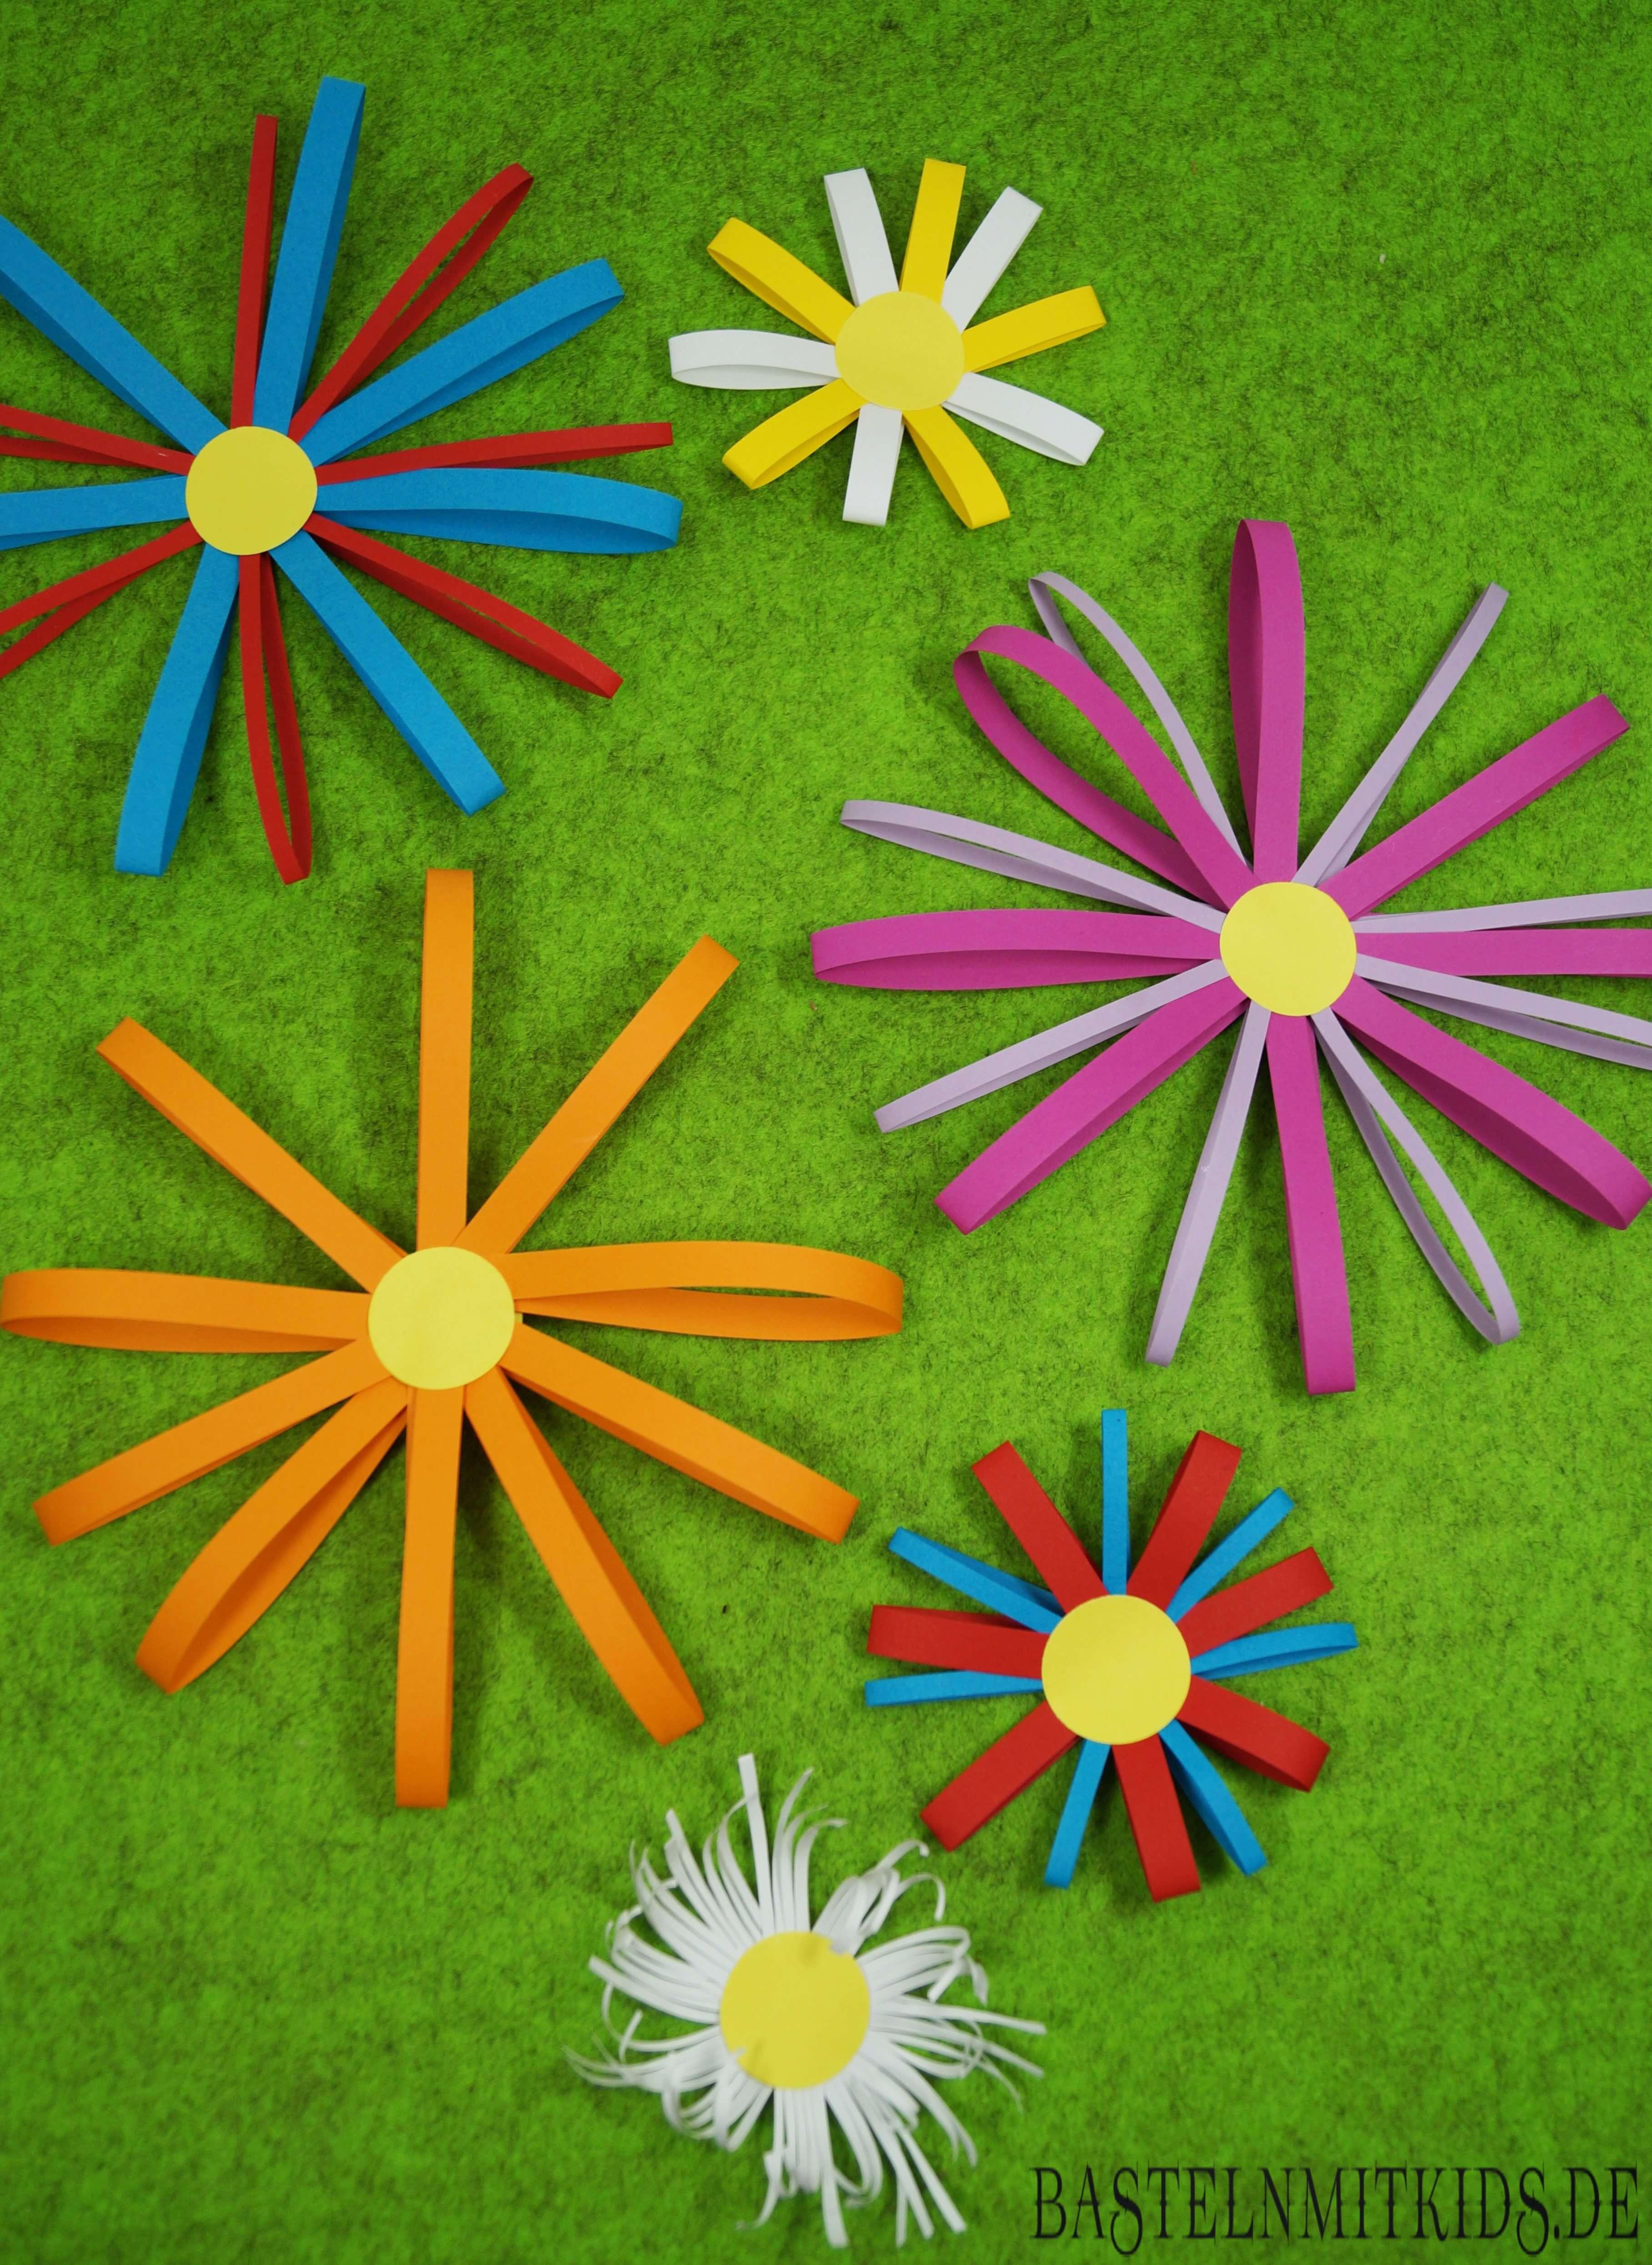 Papierblumen Selber Machen Mit Kindern Bastelnmitkids